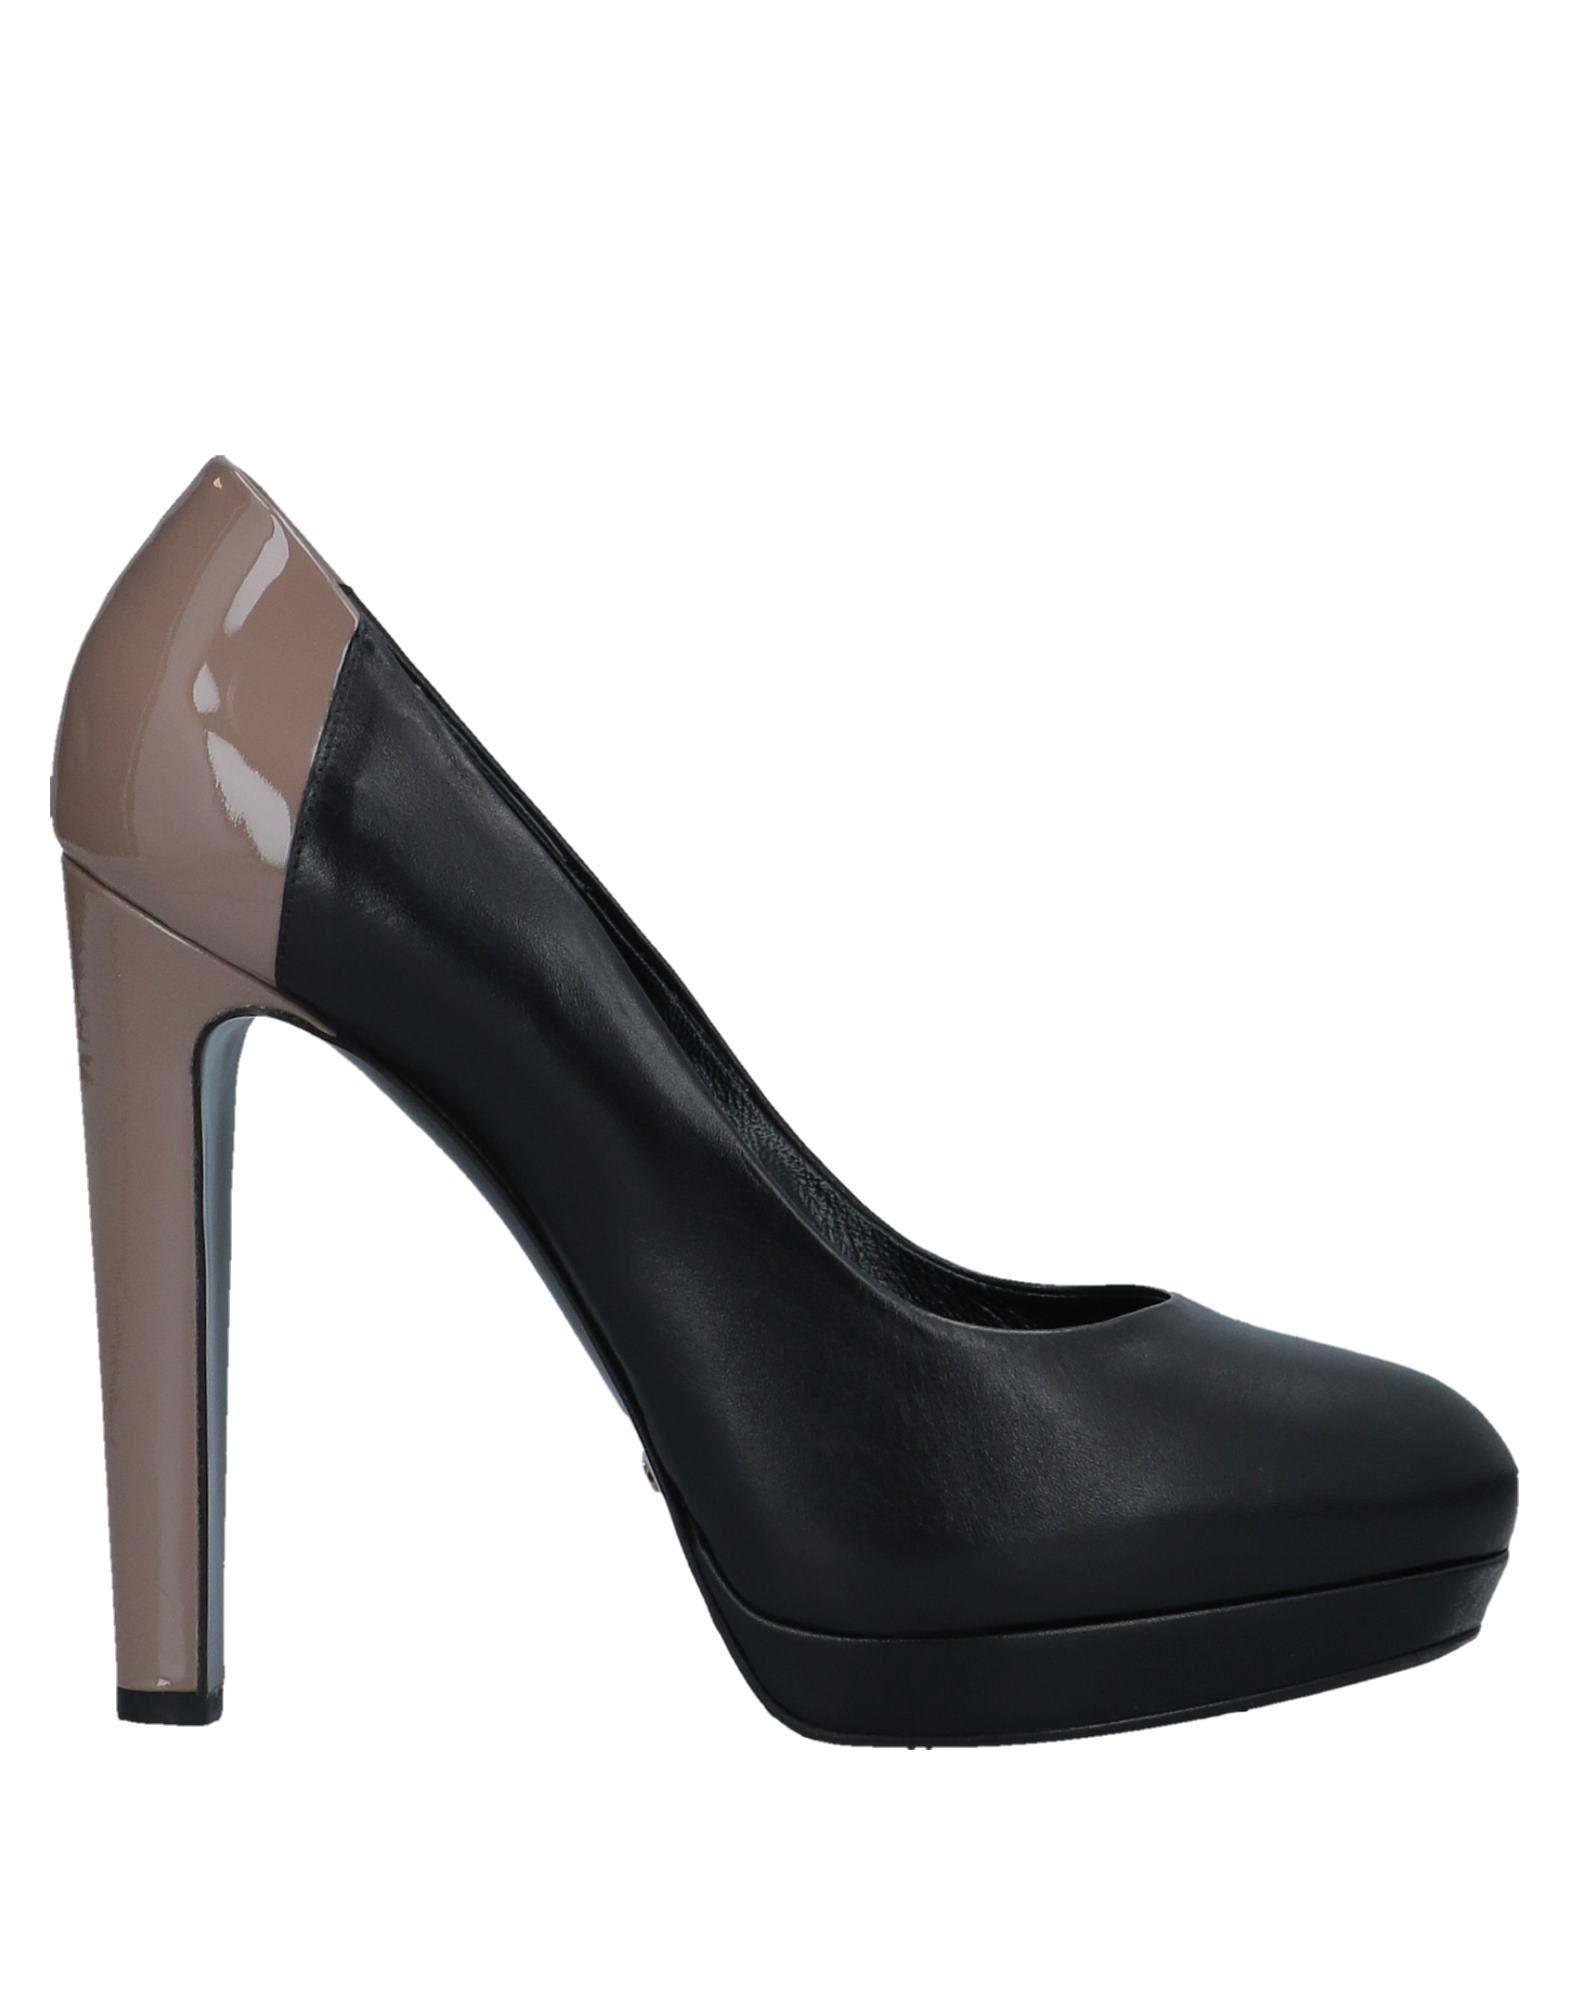 Sneakers Primabase Uomo - 11451943RL Scarpe economiche e buone